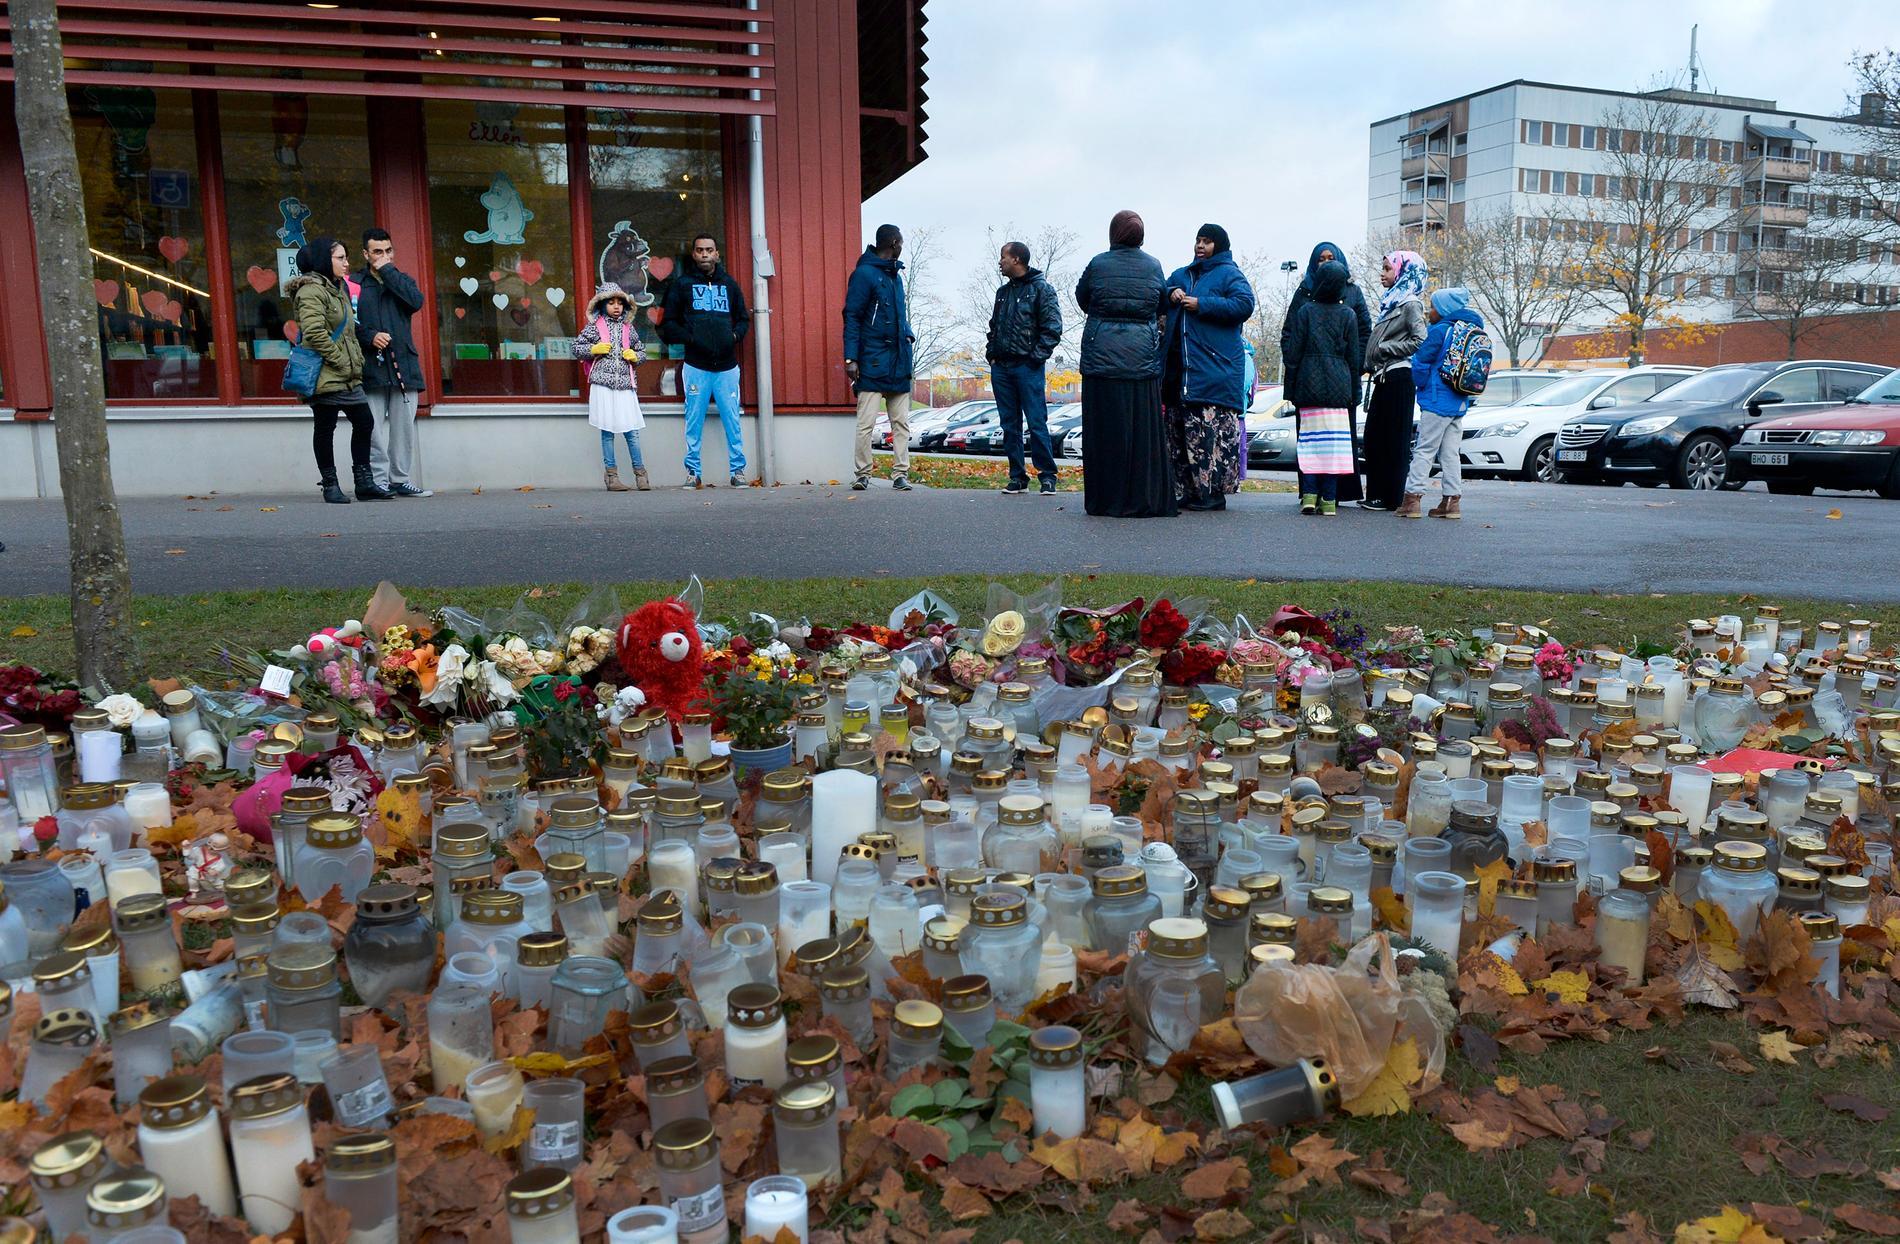 Tre personer dog efter att Anton Lundin Pettersson gick till attack med kniv och svärd mot personal och elever på Kronans grundskola i Trollhättan 2015. Dådet var ett hatbrott med rasistiska motiv.